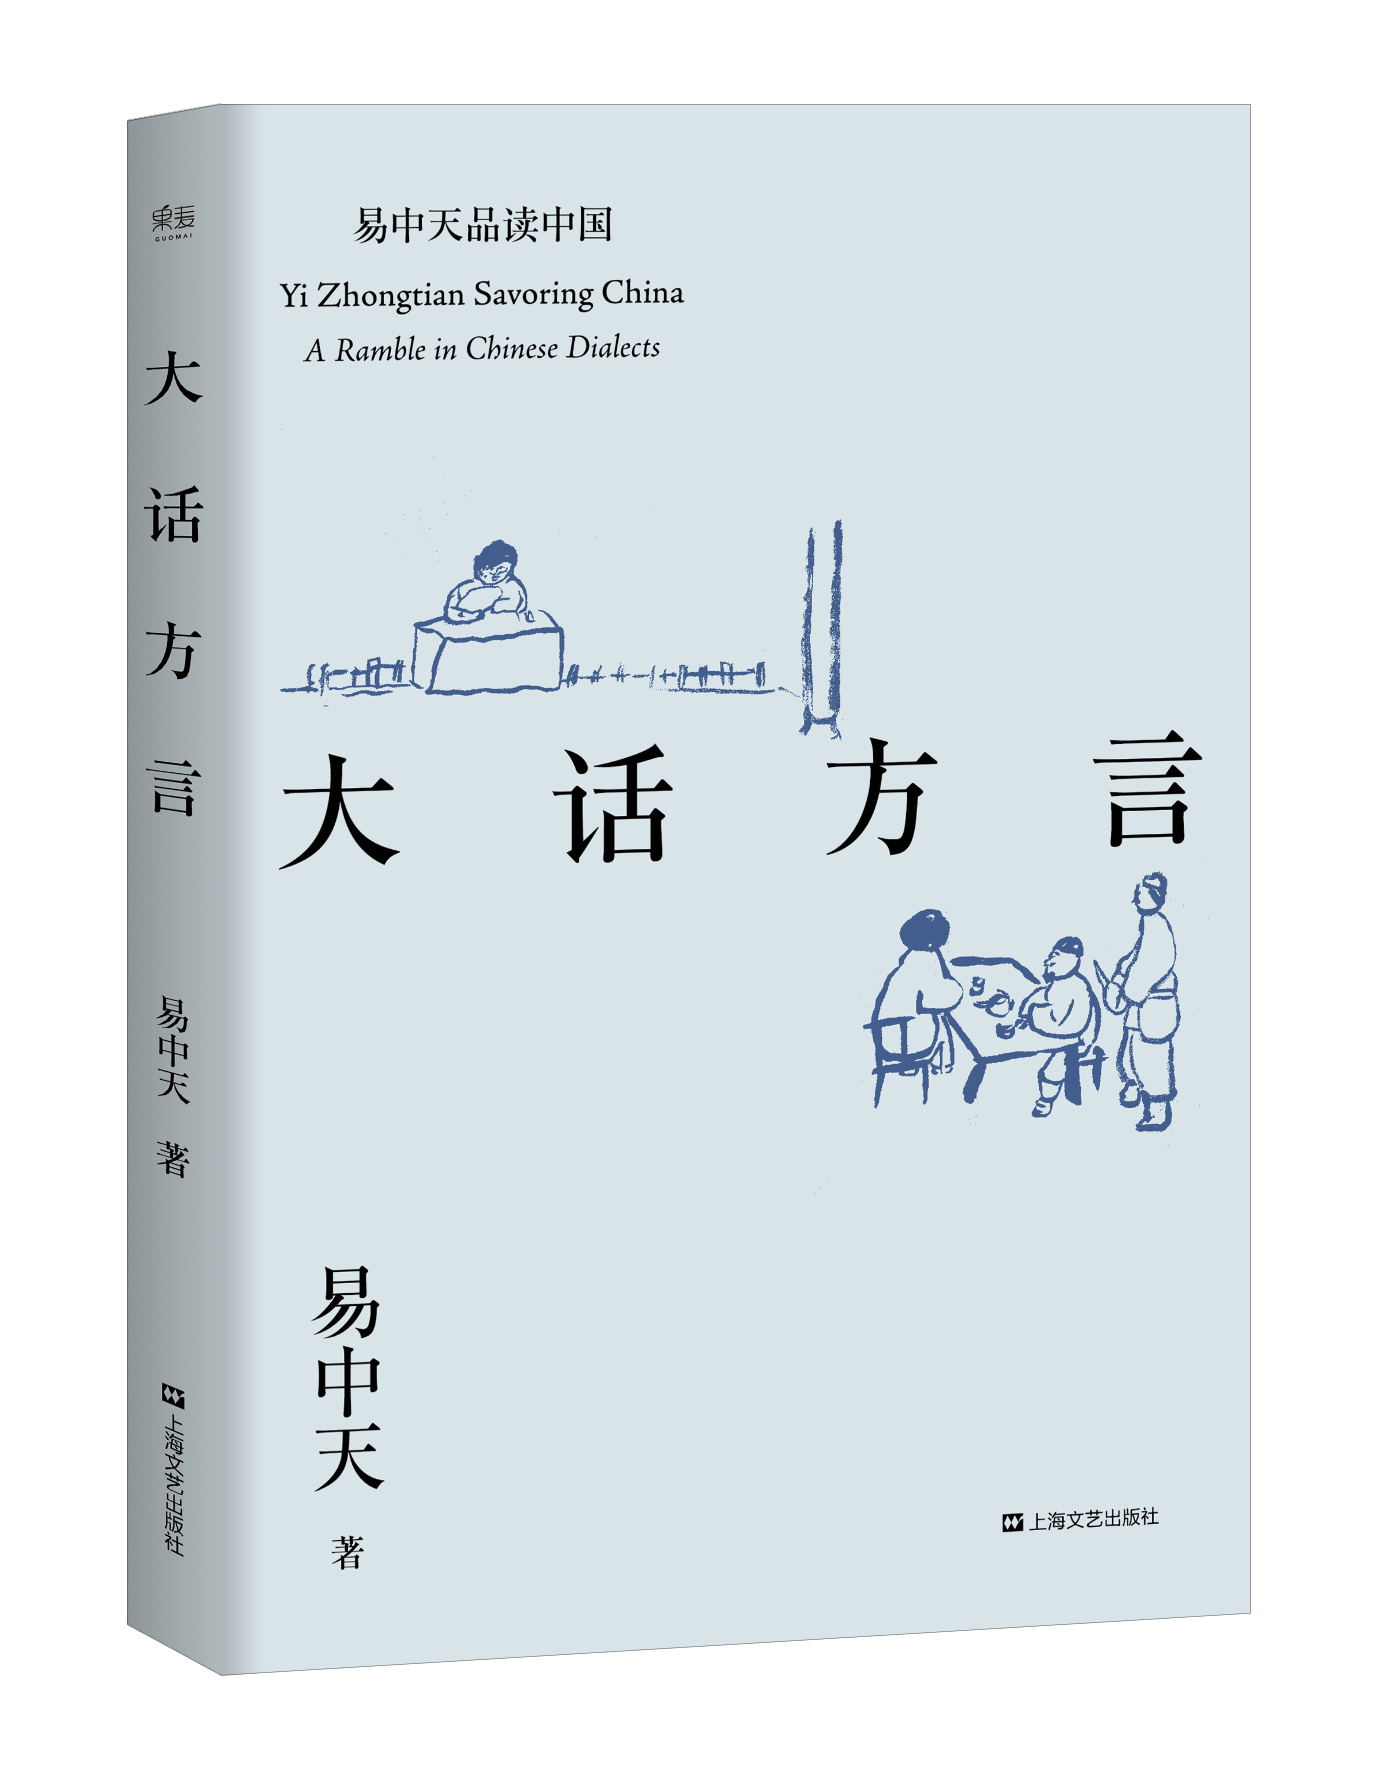 易中天:中国南方与北方究竟有哪些不一样?